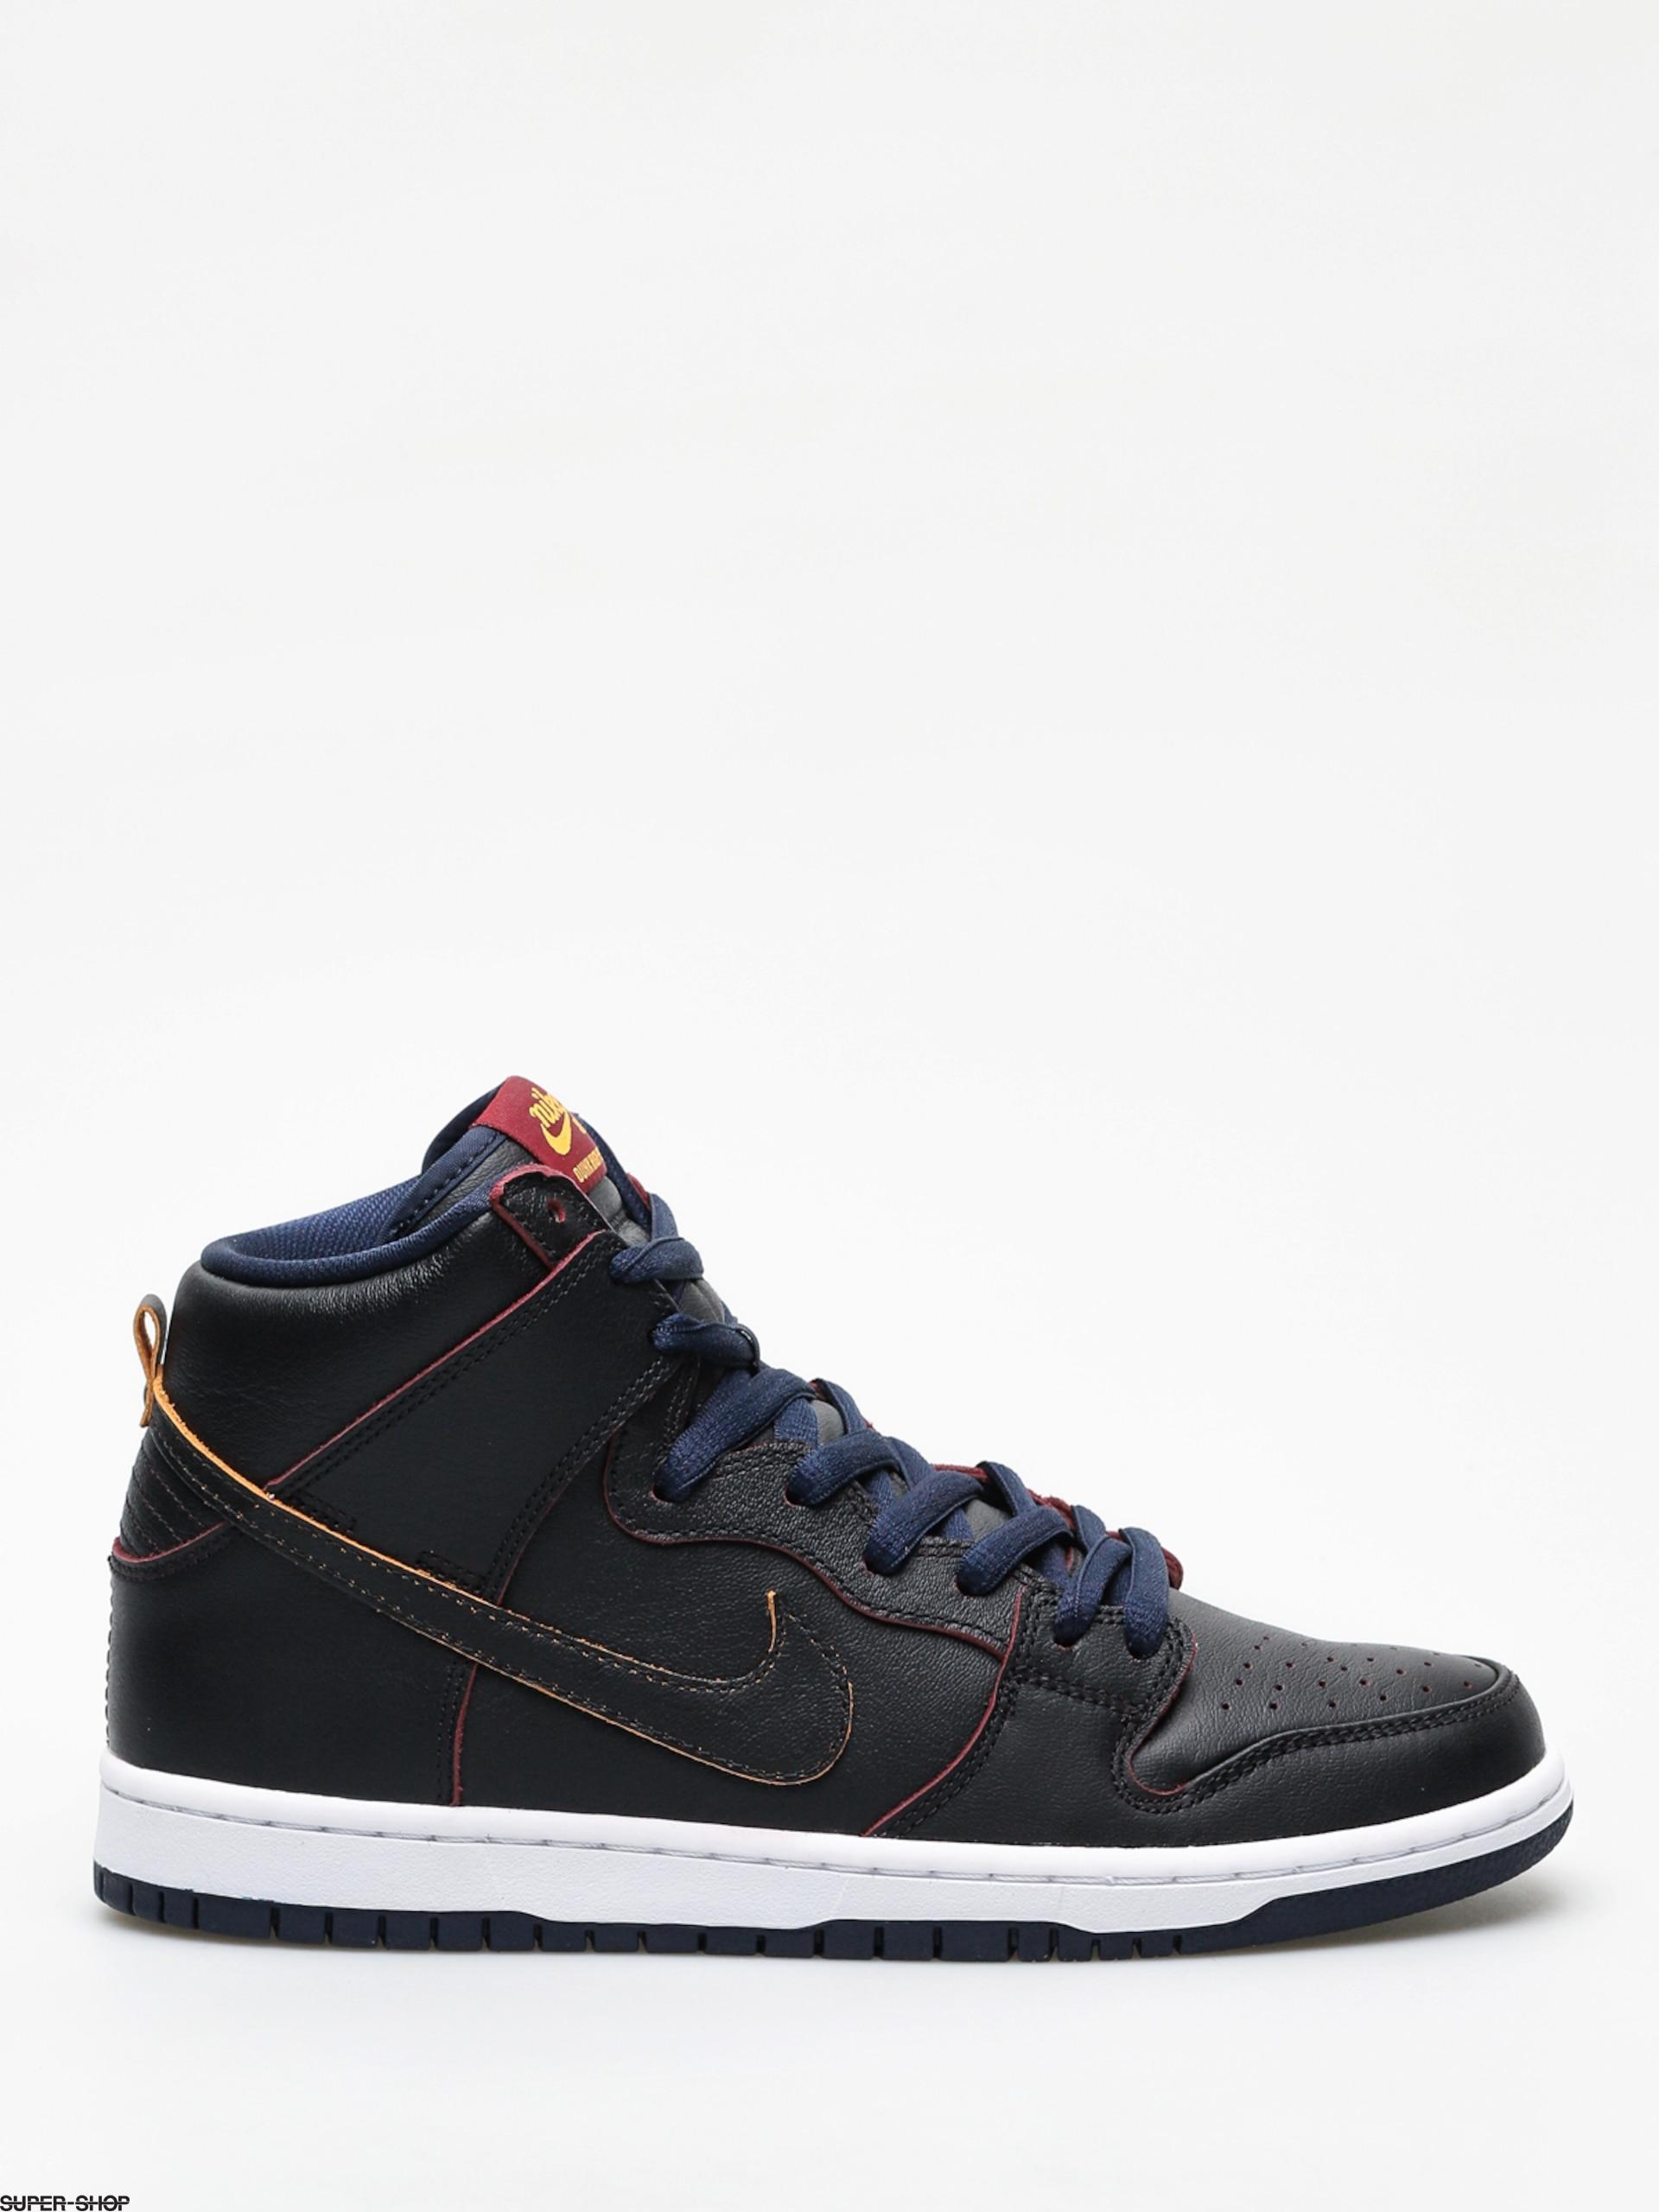 b1441b1b94f Nike SB Dunk High Pro Nba Shoes (black black college navy team red)